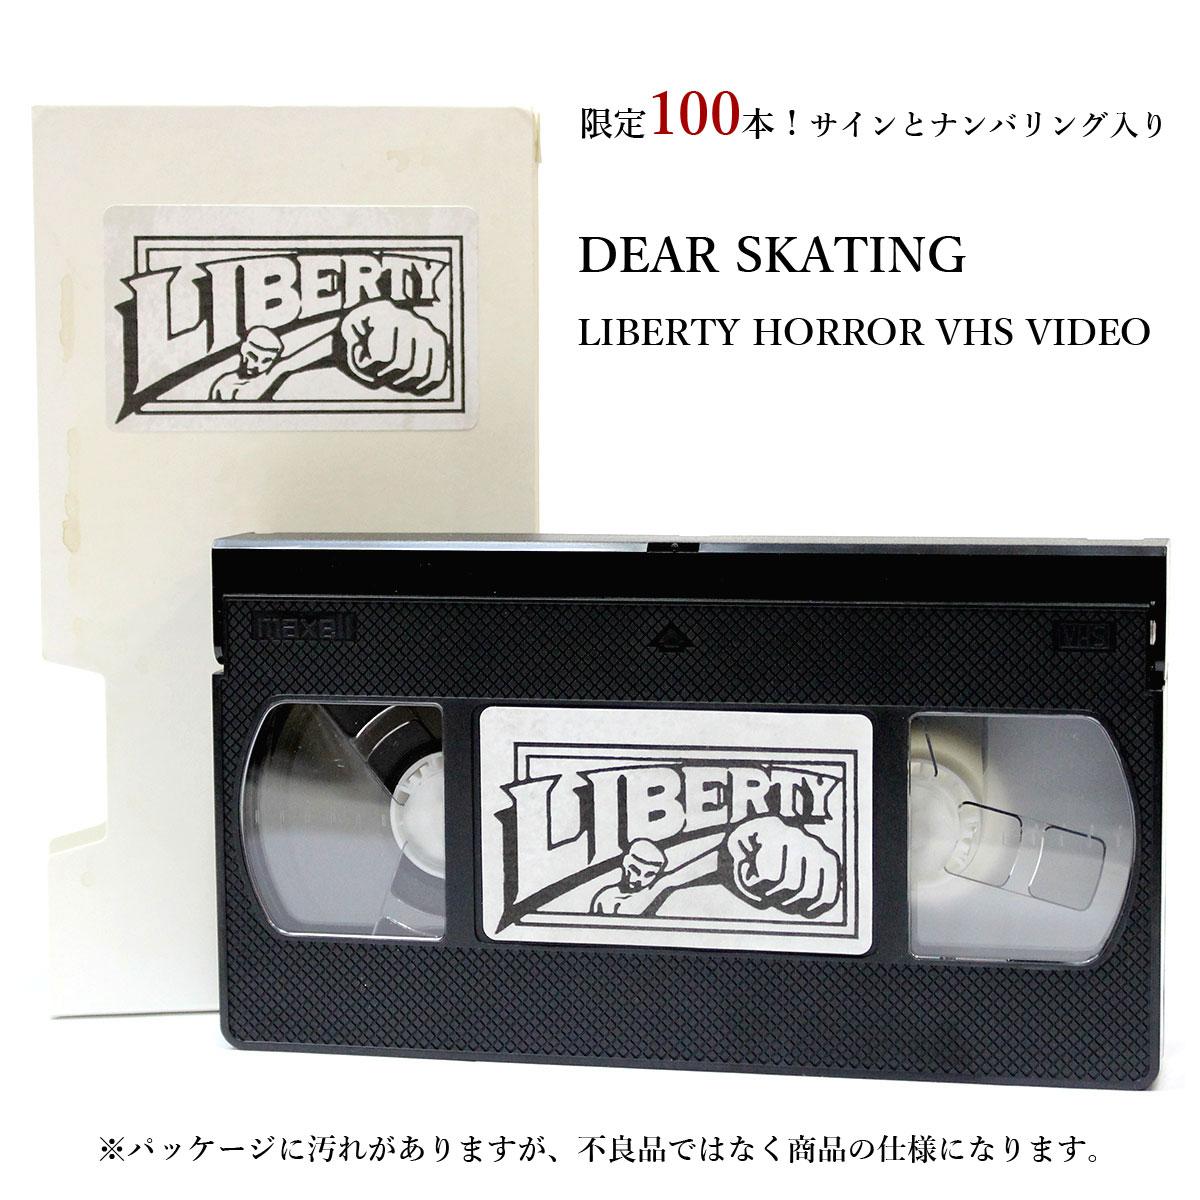 【楽天スーパーSALE】 50%OFF セール 半額 【メール便送料無料】 DEAR SKATING / LIBERTY HORROR VHS VIDEO Liberty Skateboards World Industries Dwindle Distribution VHS スケートボード ビデオ 【あす楽対応】